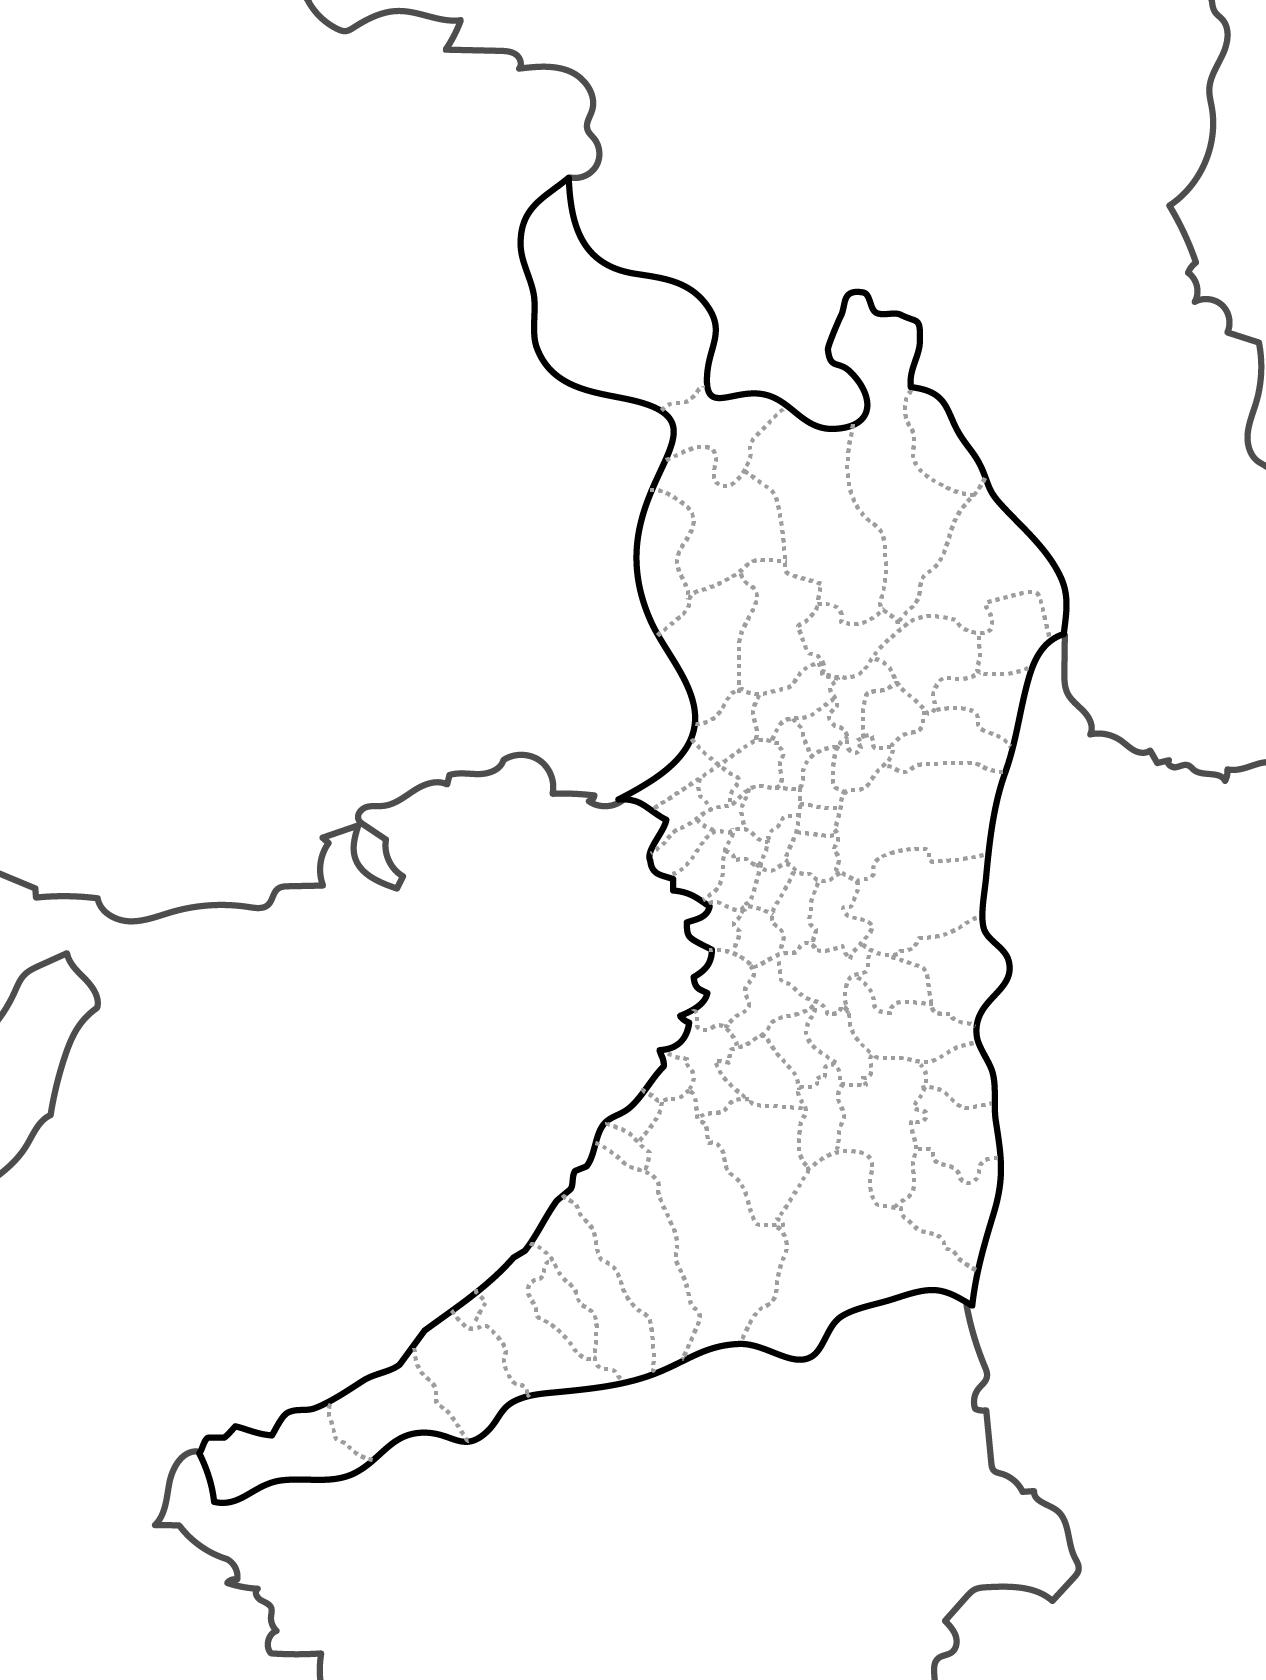 [白地図]大阪府・ラインあり・市区町村名なし・隣県なし